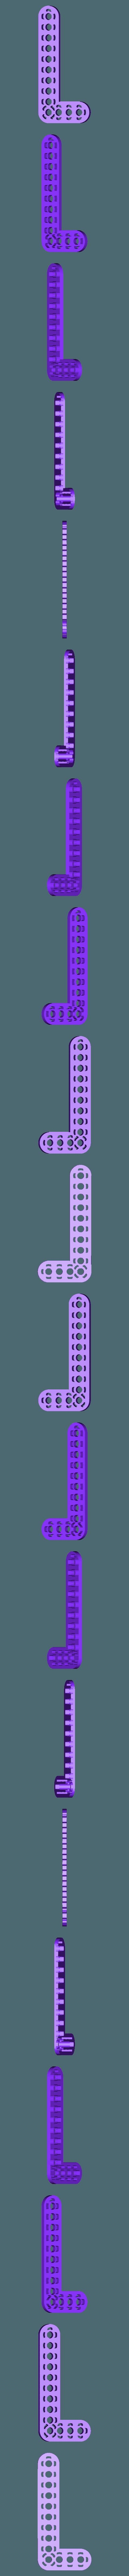 L_4_10.STL Télécharger fichier STL gratuit MEGA Expansion 200+ Pièces • Plan à imprimer en 3D, Pwentey